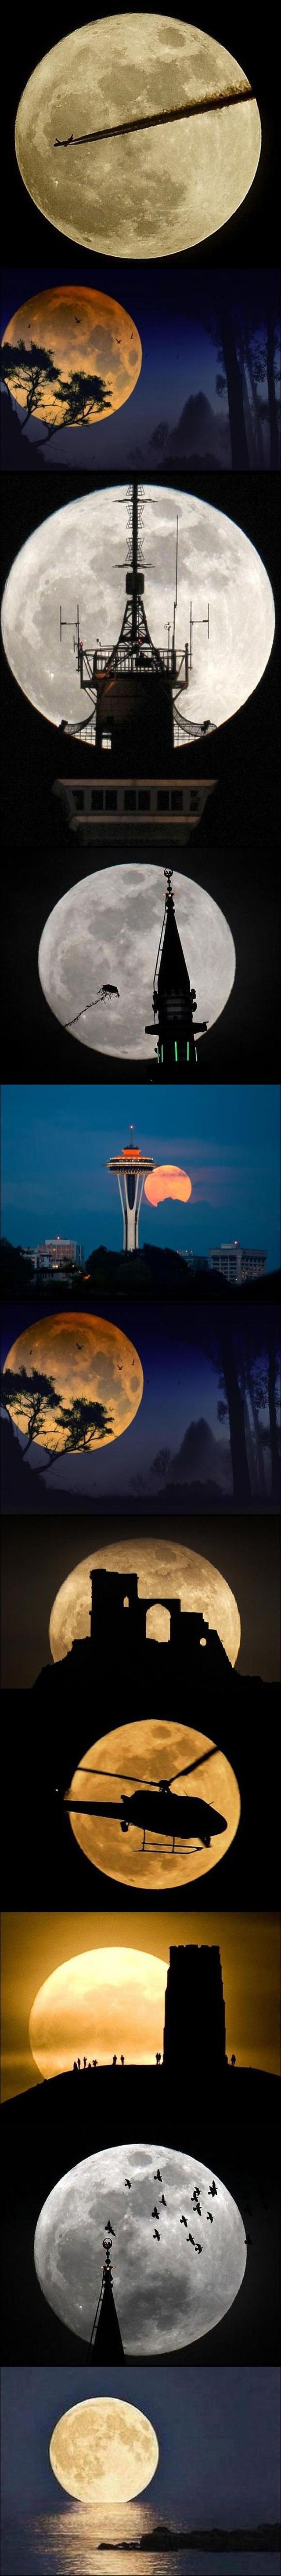 gallerie photo hd pleine lune paysage ville campagne autour du monde joli